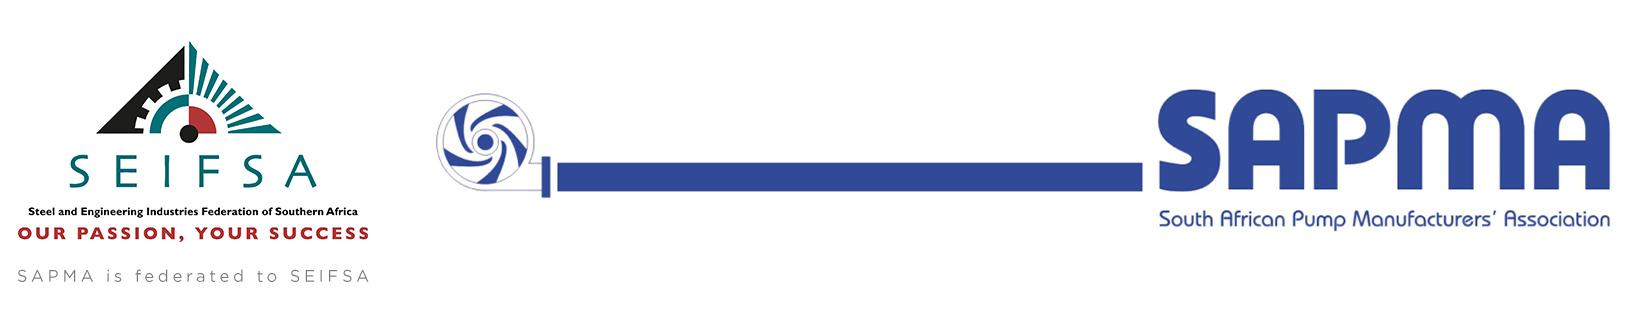 SAPMA Logo